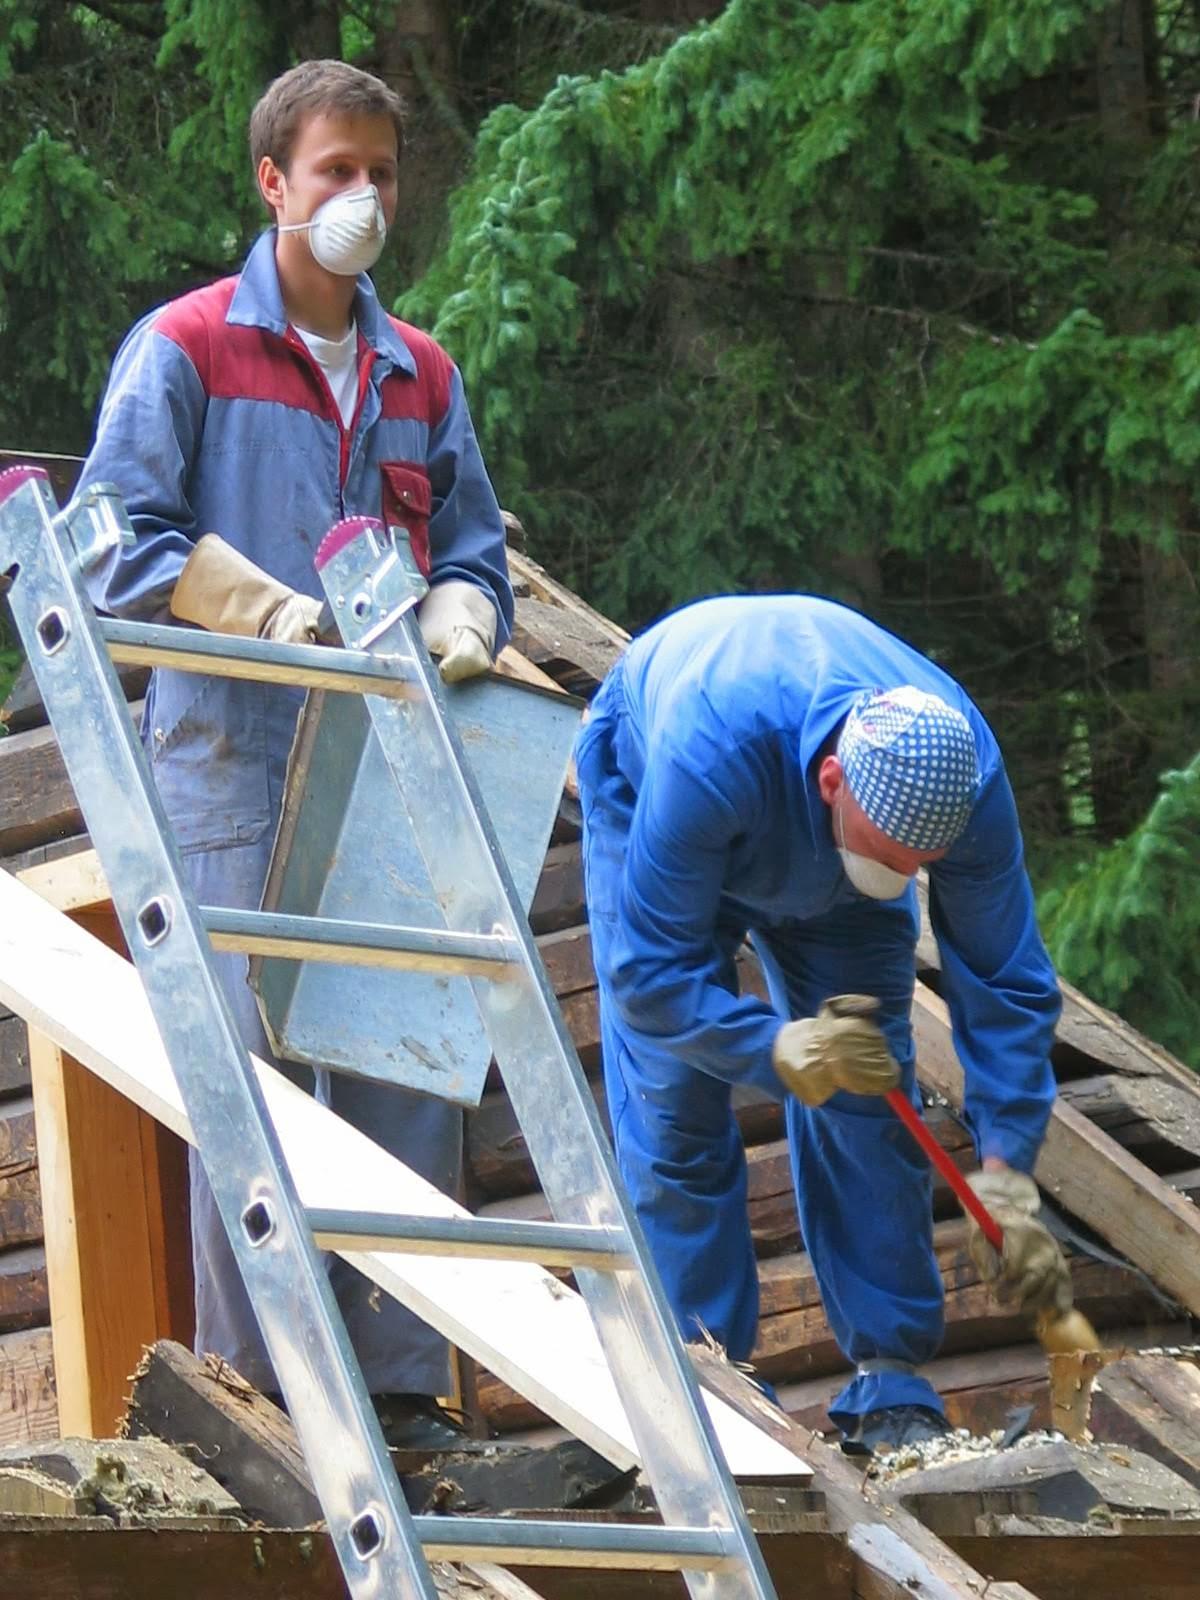 Delovna akcija - Streha, Črni dol 2006 - streha%2B130.jpg